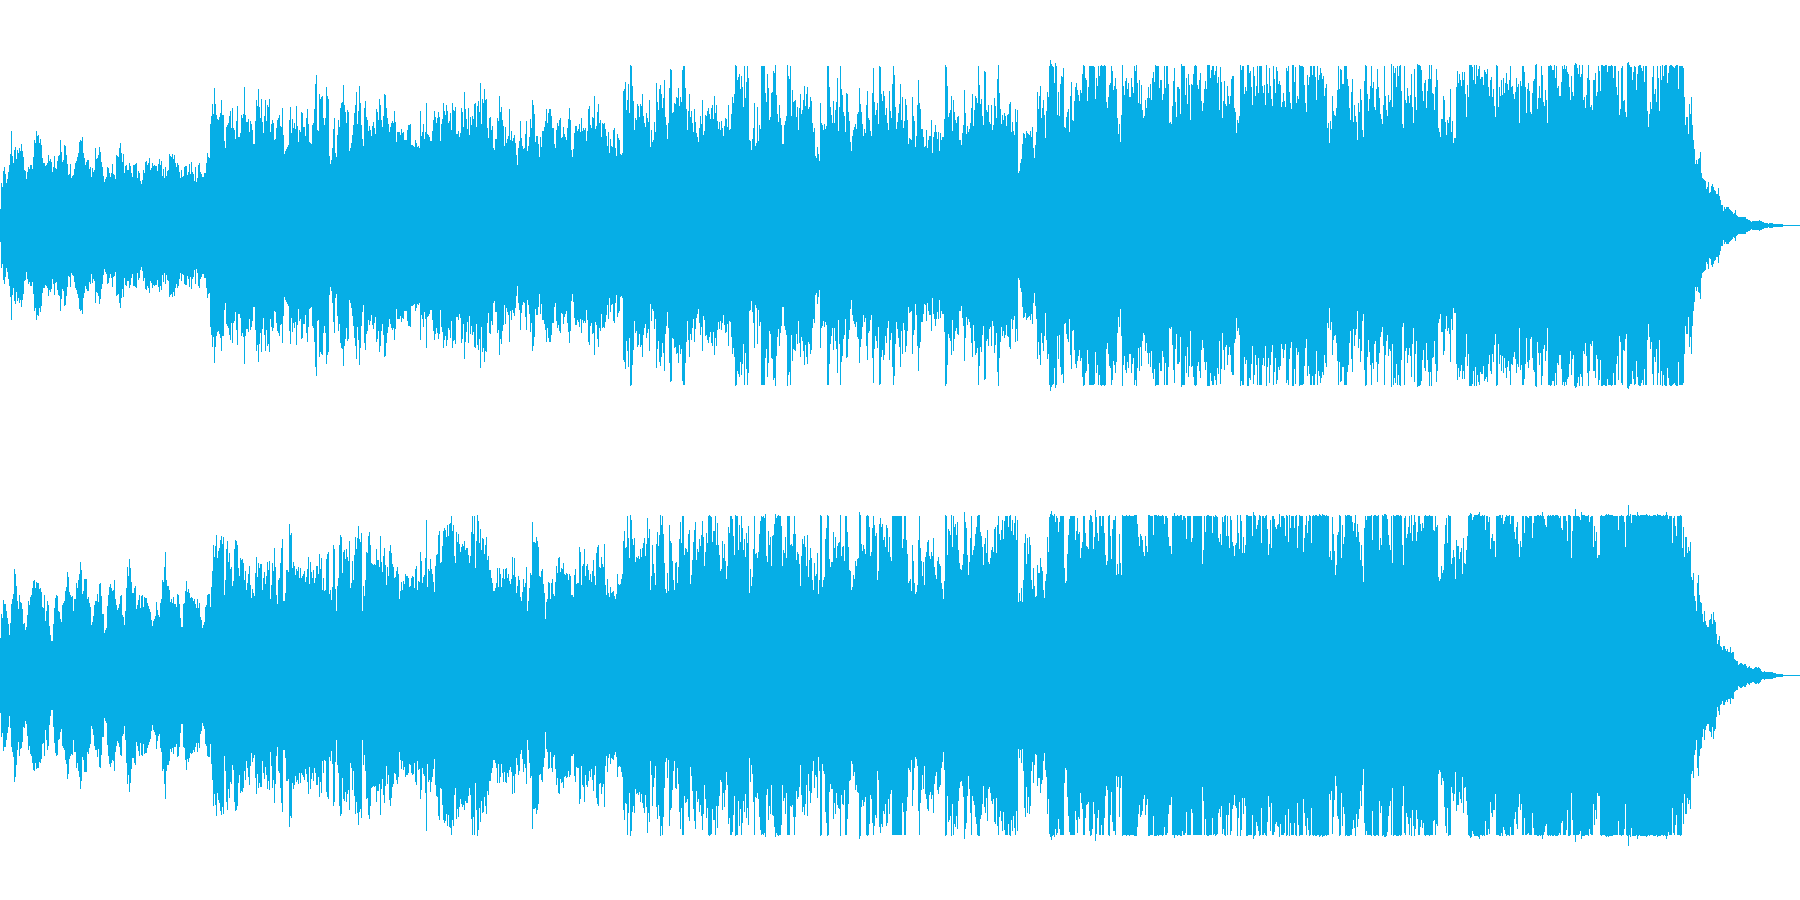 壮大で前向き広がりのあるオーケストラの曲の再生済みの波形